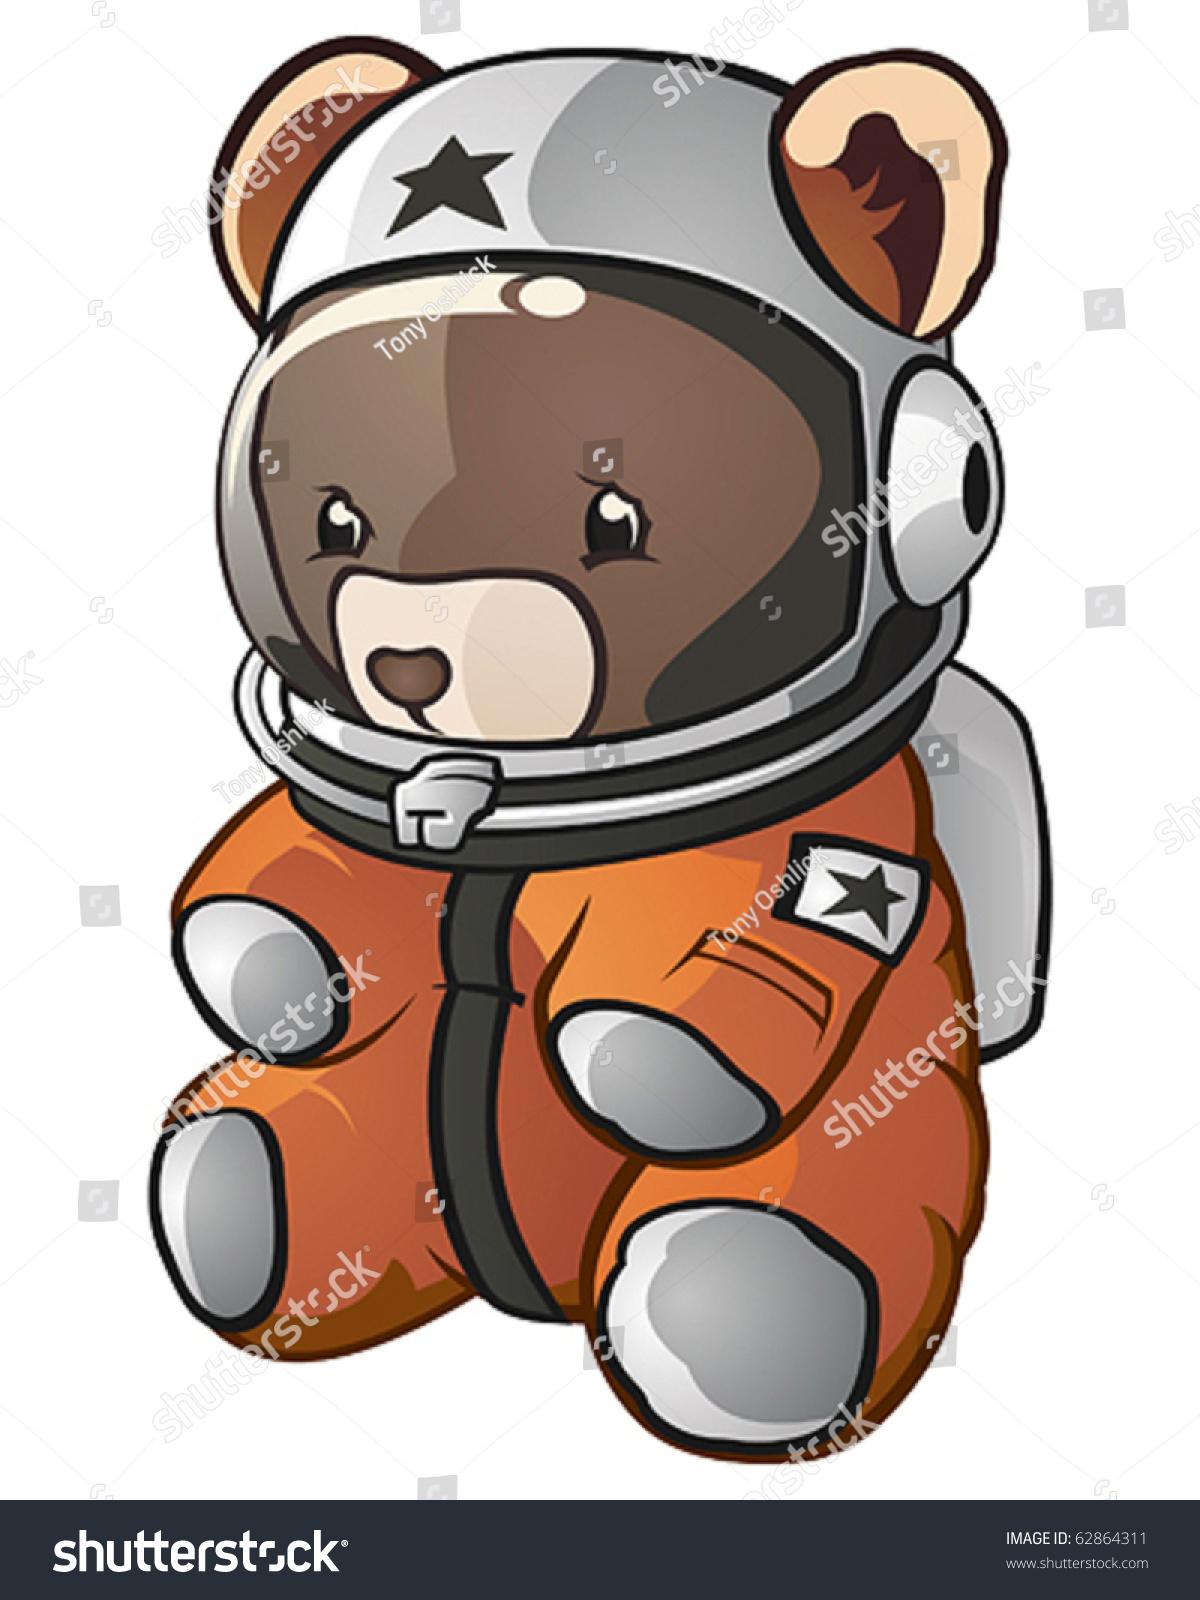 teddy bear space astronaut cartoon character stock vector 62864311